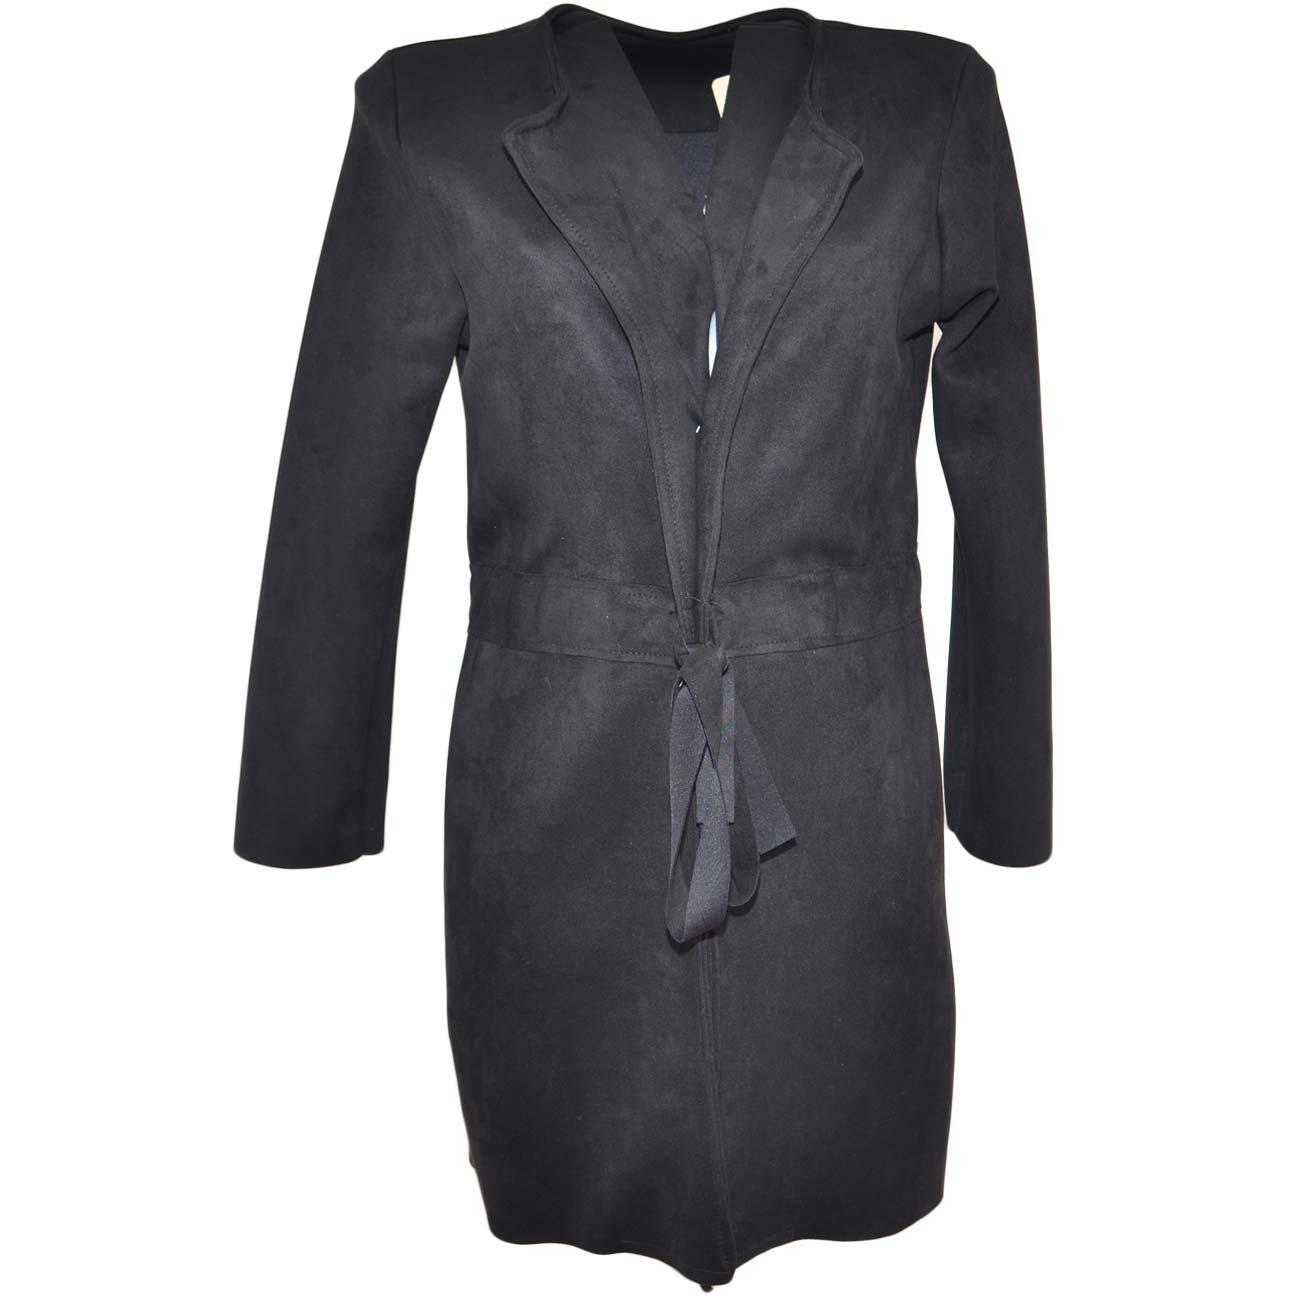 miglior sito web 2f3be f17cb Cappotto giacca donna nera in tessuto scamosciato con coulisse in vita  taglio lento moda elegante donna cappotti Malu Shoes | MaluShoes